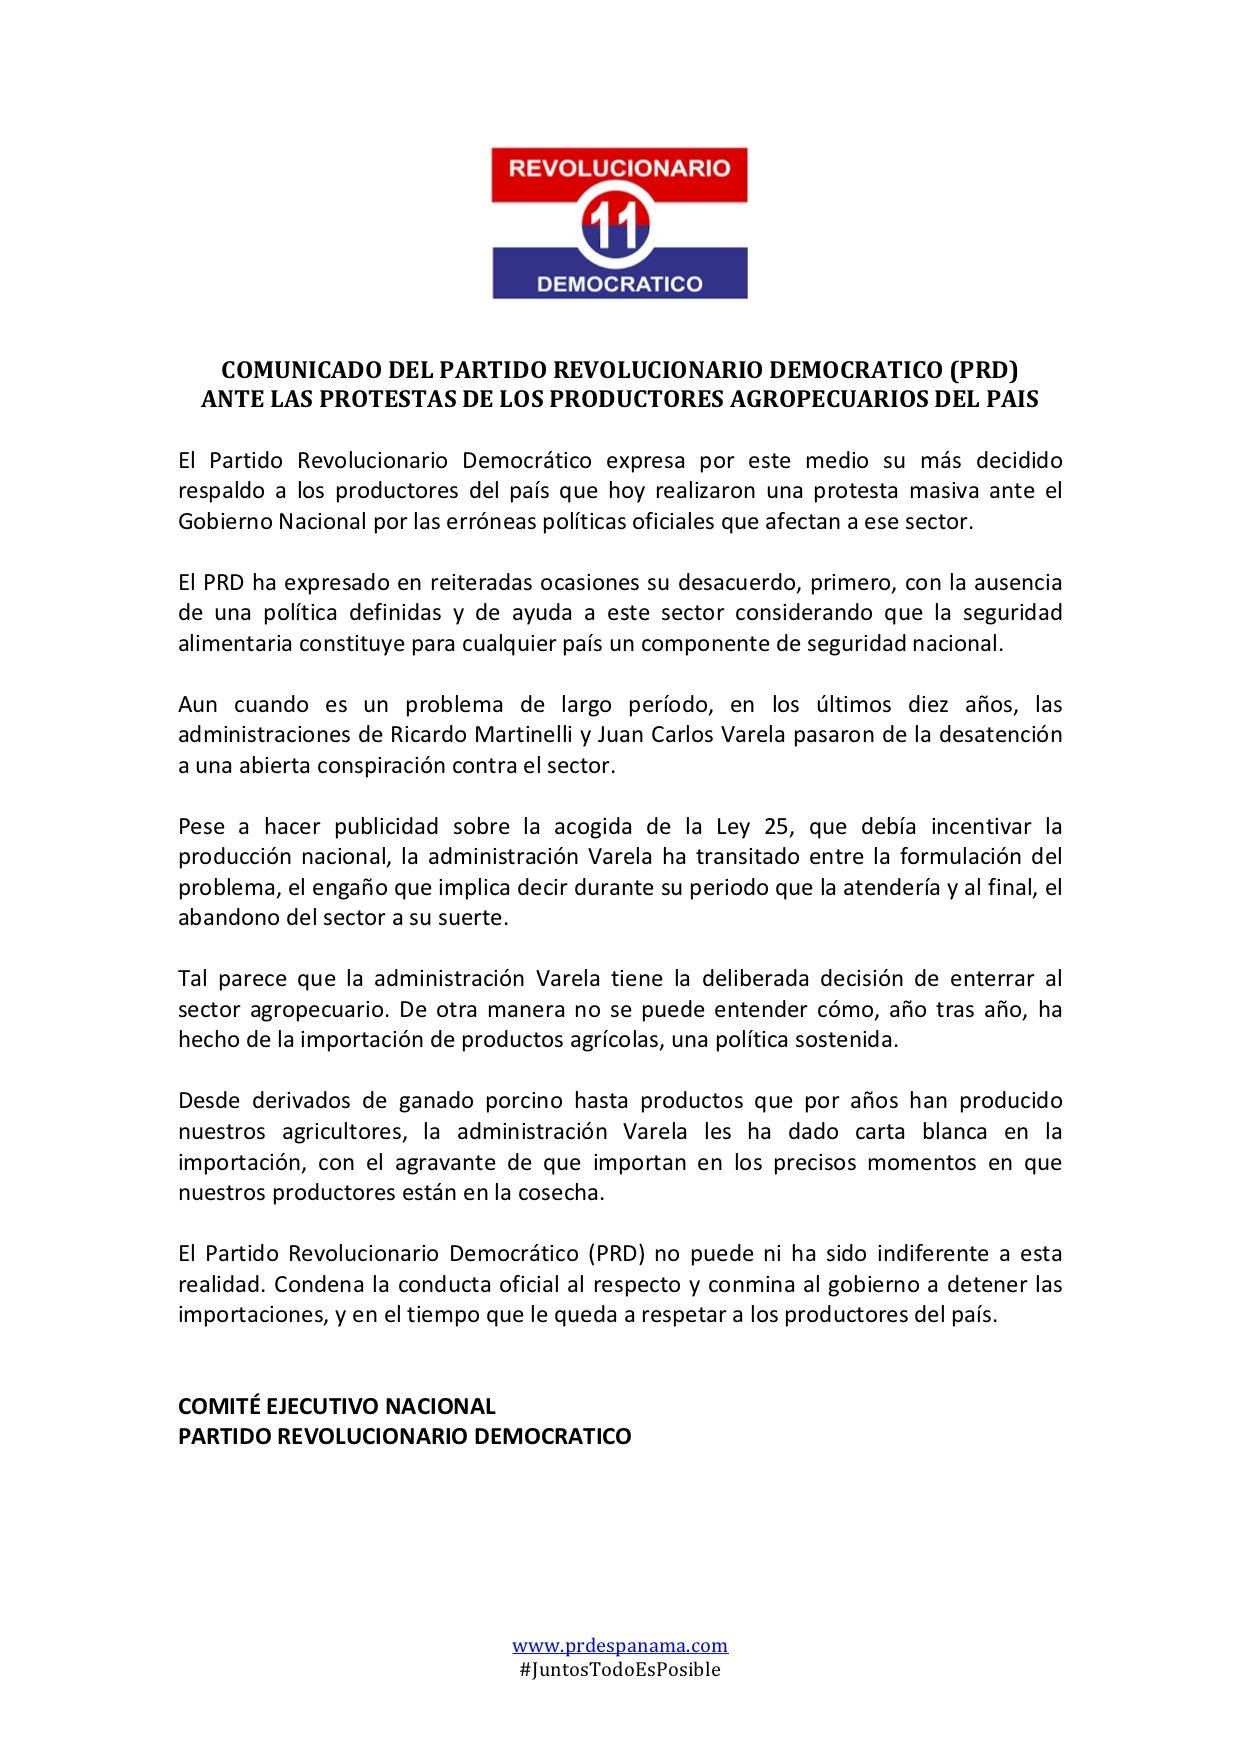 comunicado-prd-ante-protestas-agropecuario-panama-politica